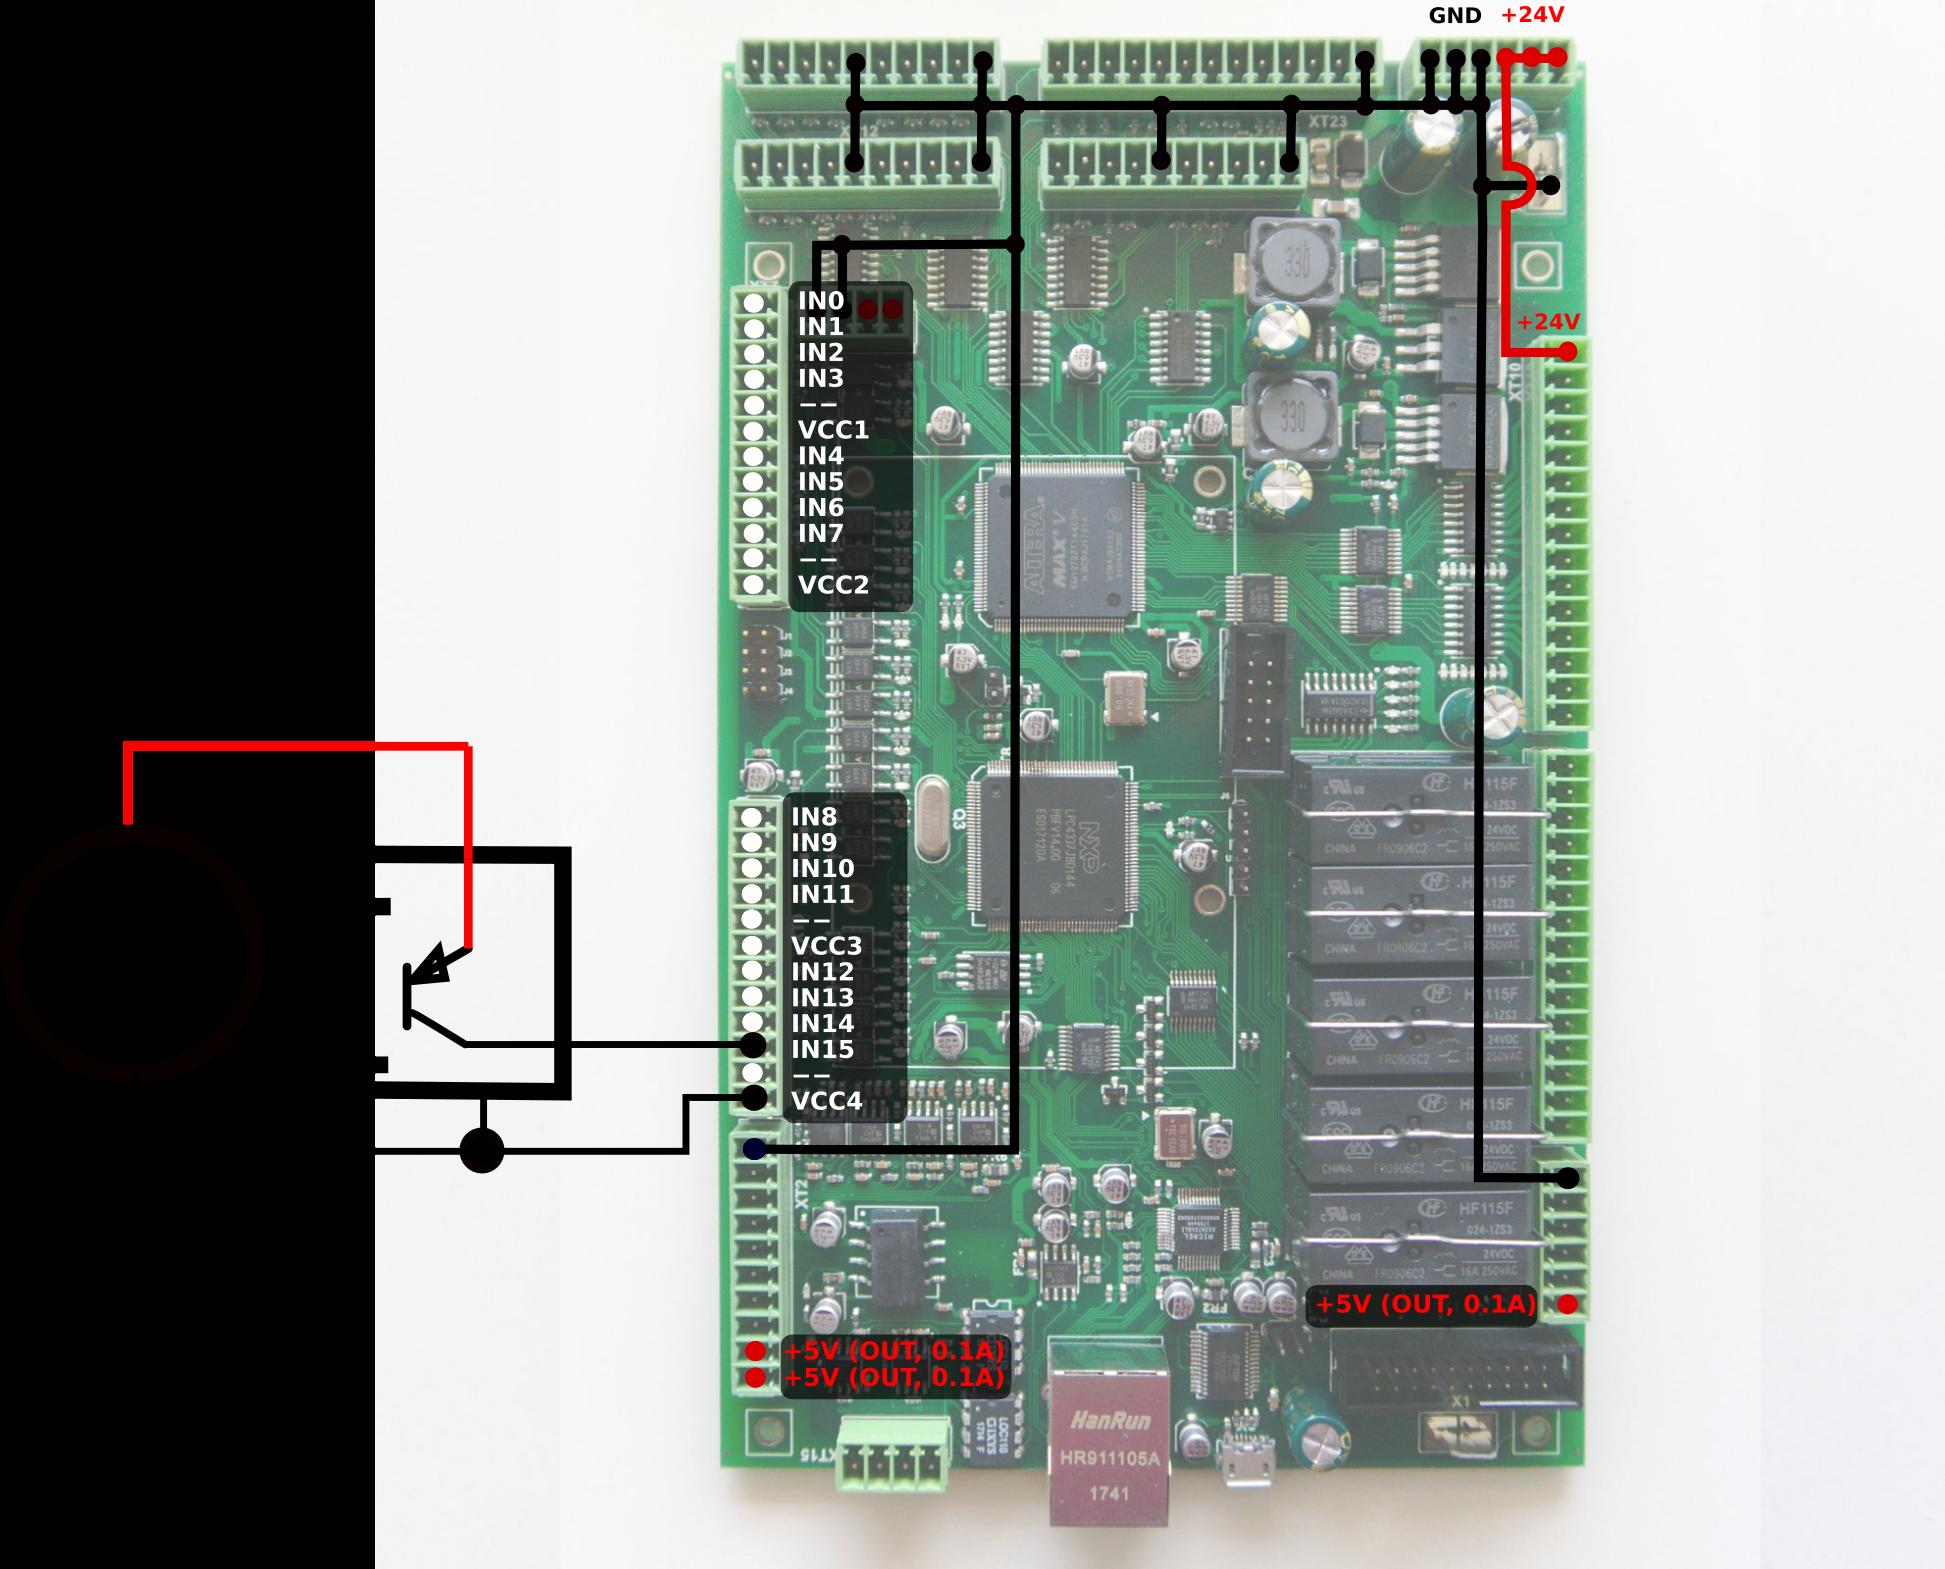 myCNC - advanced CNC control, software - Ethernet CNC controller